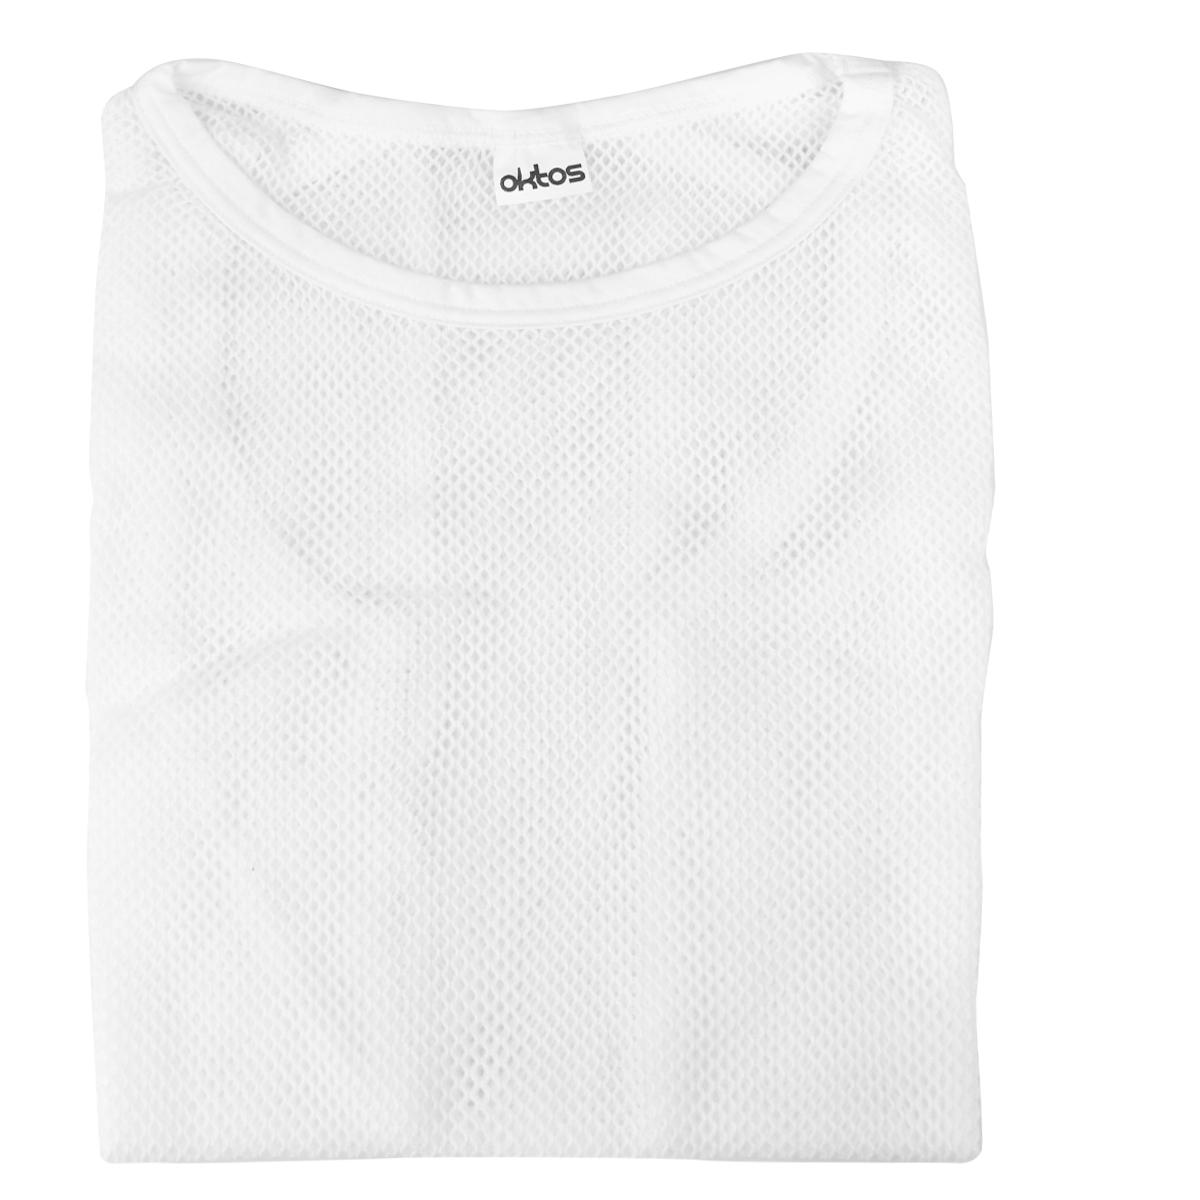 Sous-maillot underwear Oktos T. L